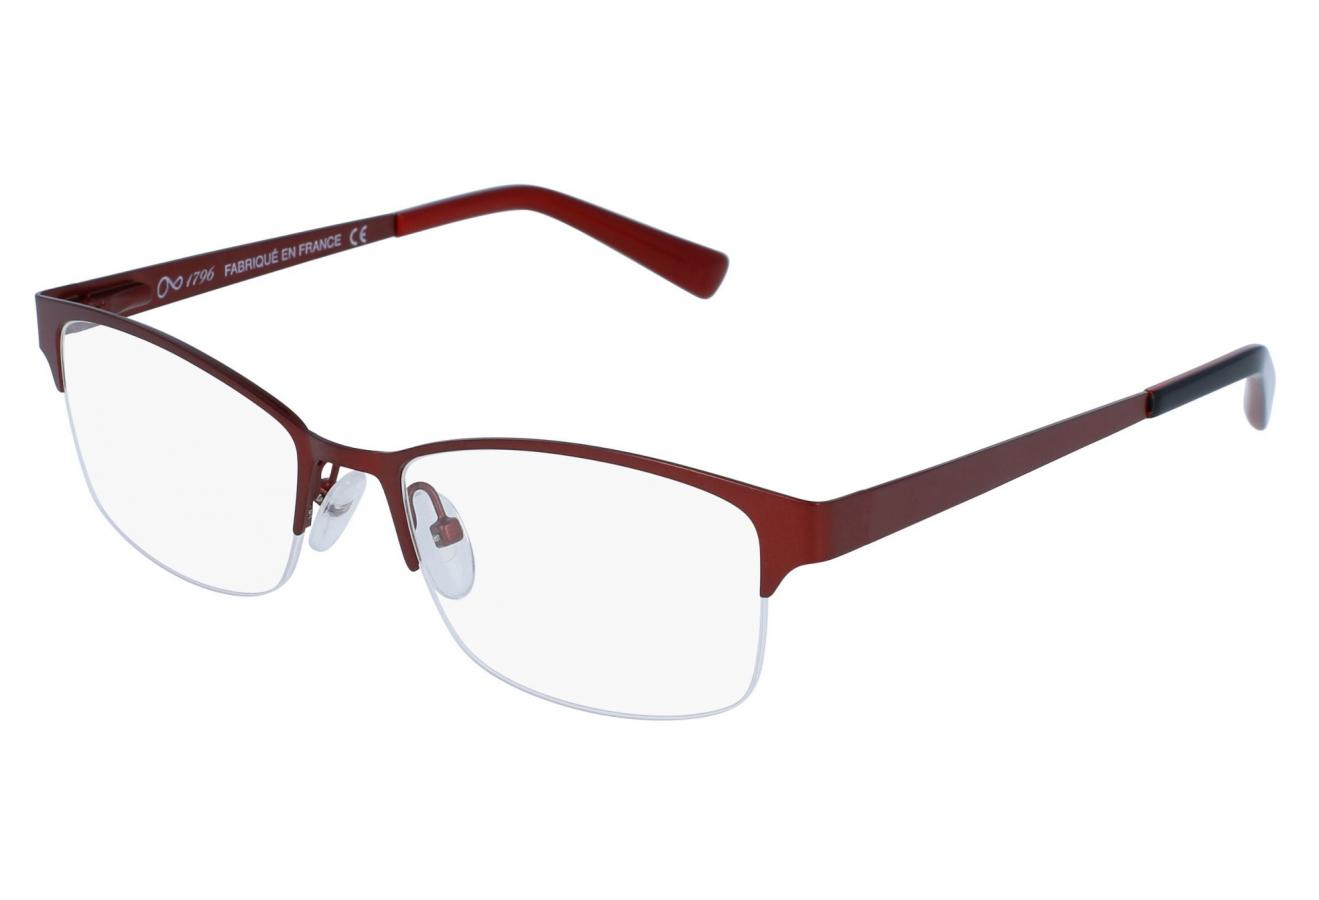 lunettes de vue 1796 cbfm 1709 bordeaux 52 17. Black Bedroom Furniture Sets. Home Design Ideas